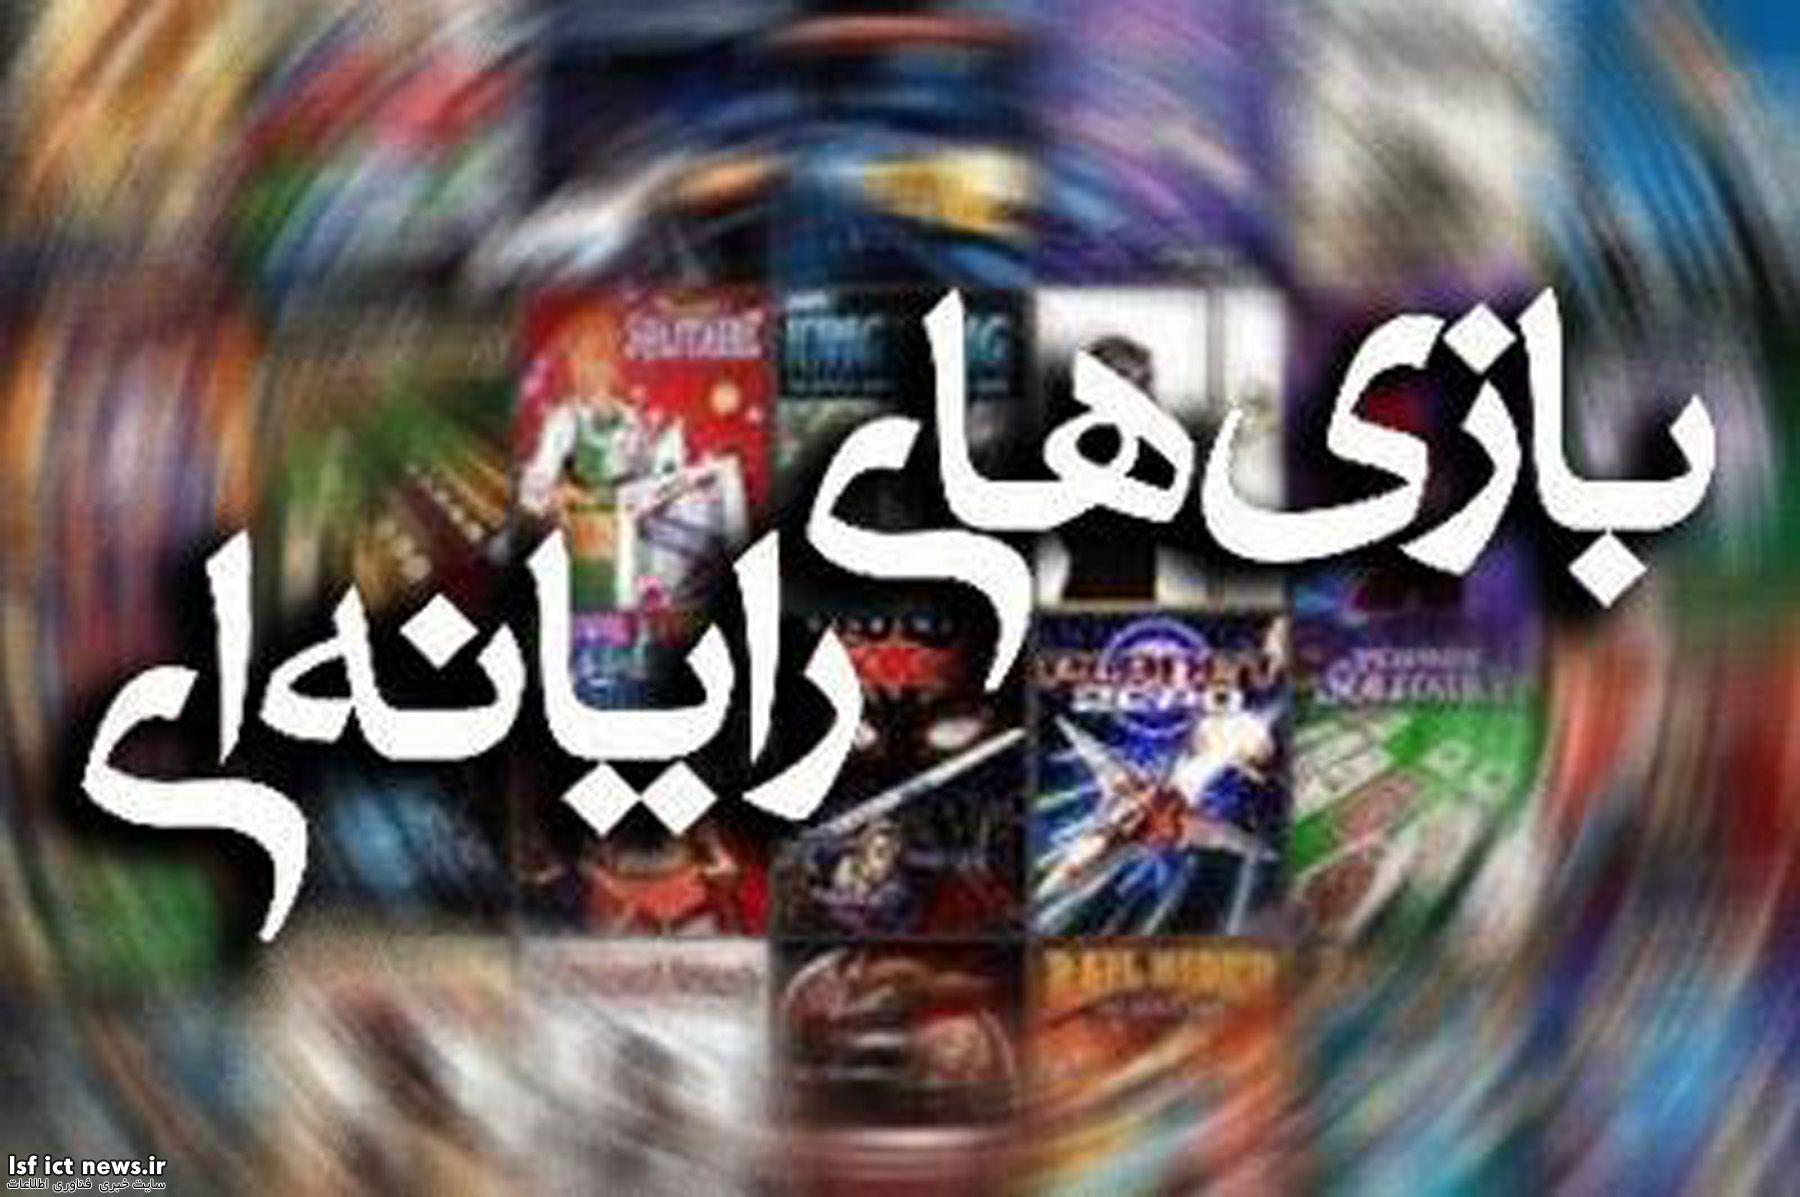 حمله آمریکا و عربستان به ایران با بازیهای رایانهای